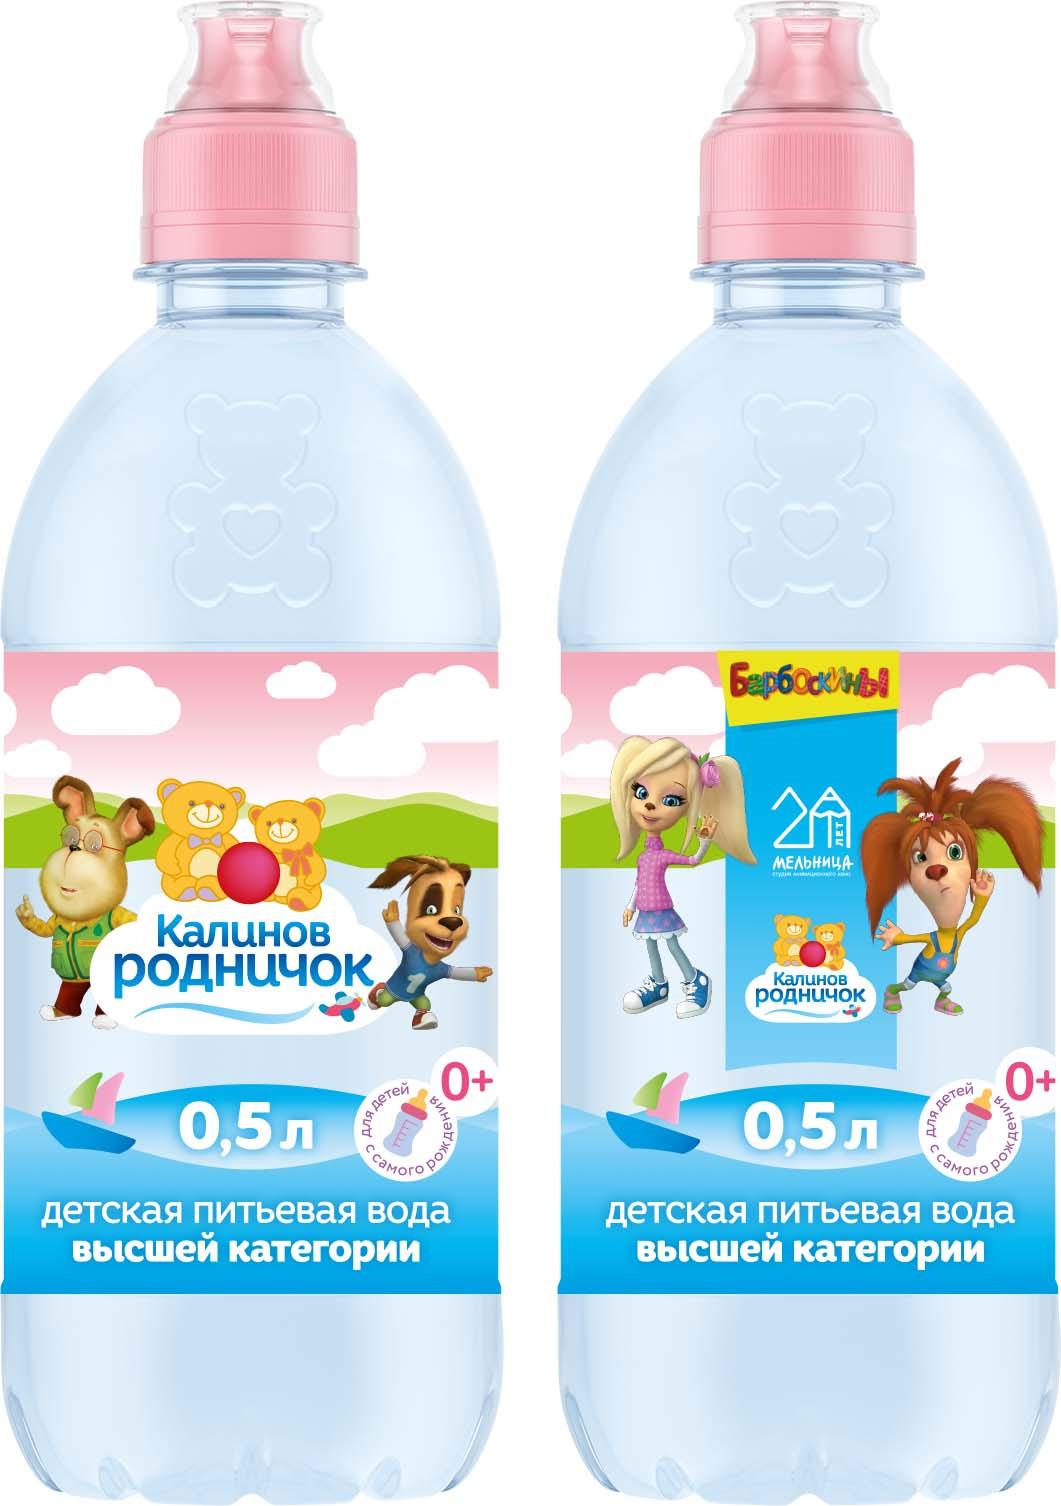 Вода Калинов Родничок для детей с дозатором, 12 шт х 0,5 л вода калинов родничок для детей 2 шт х 6 0 л